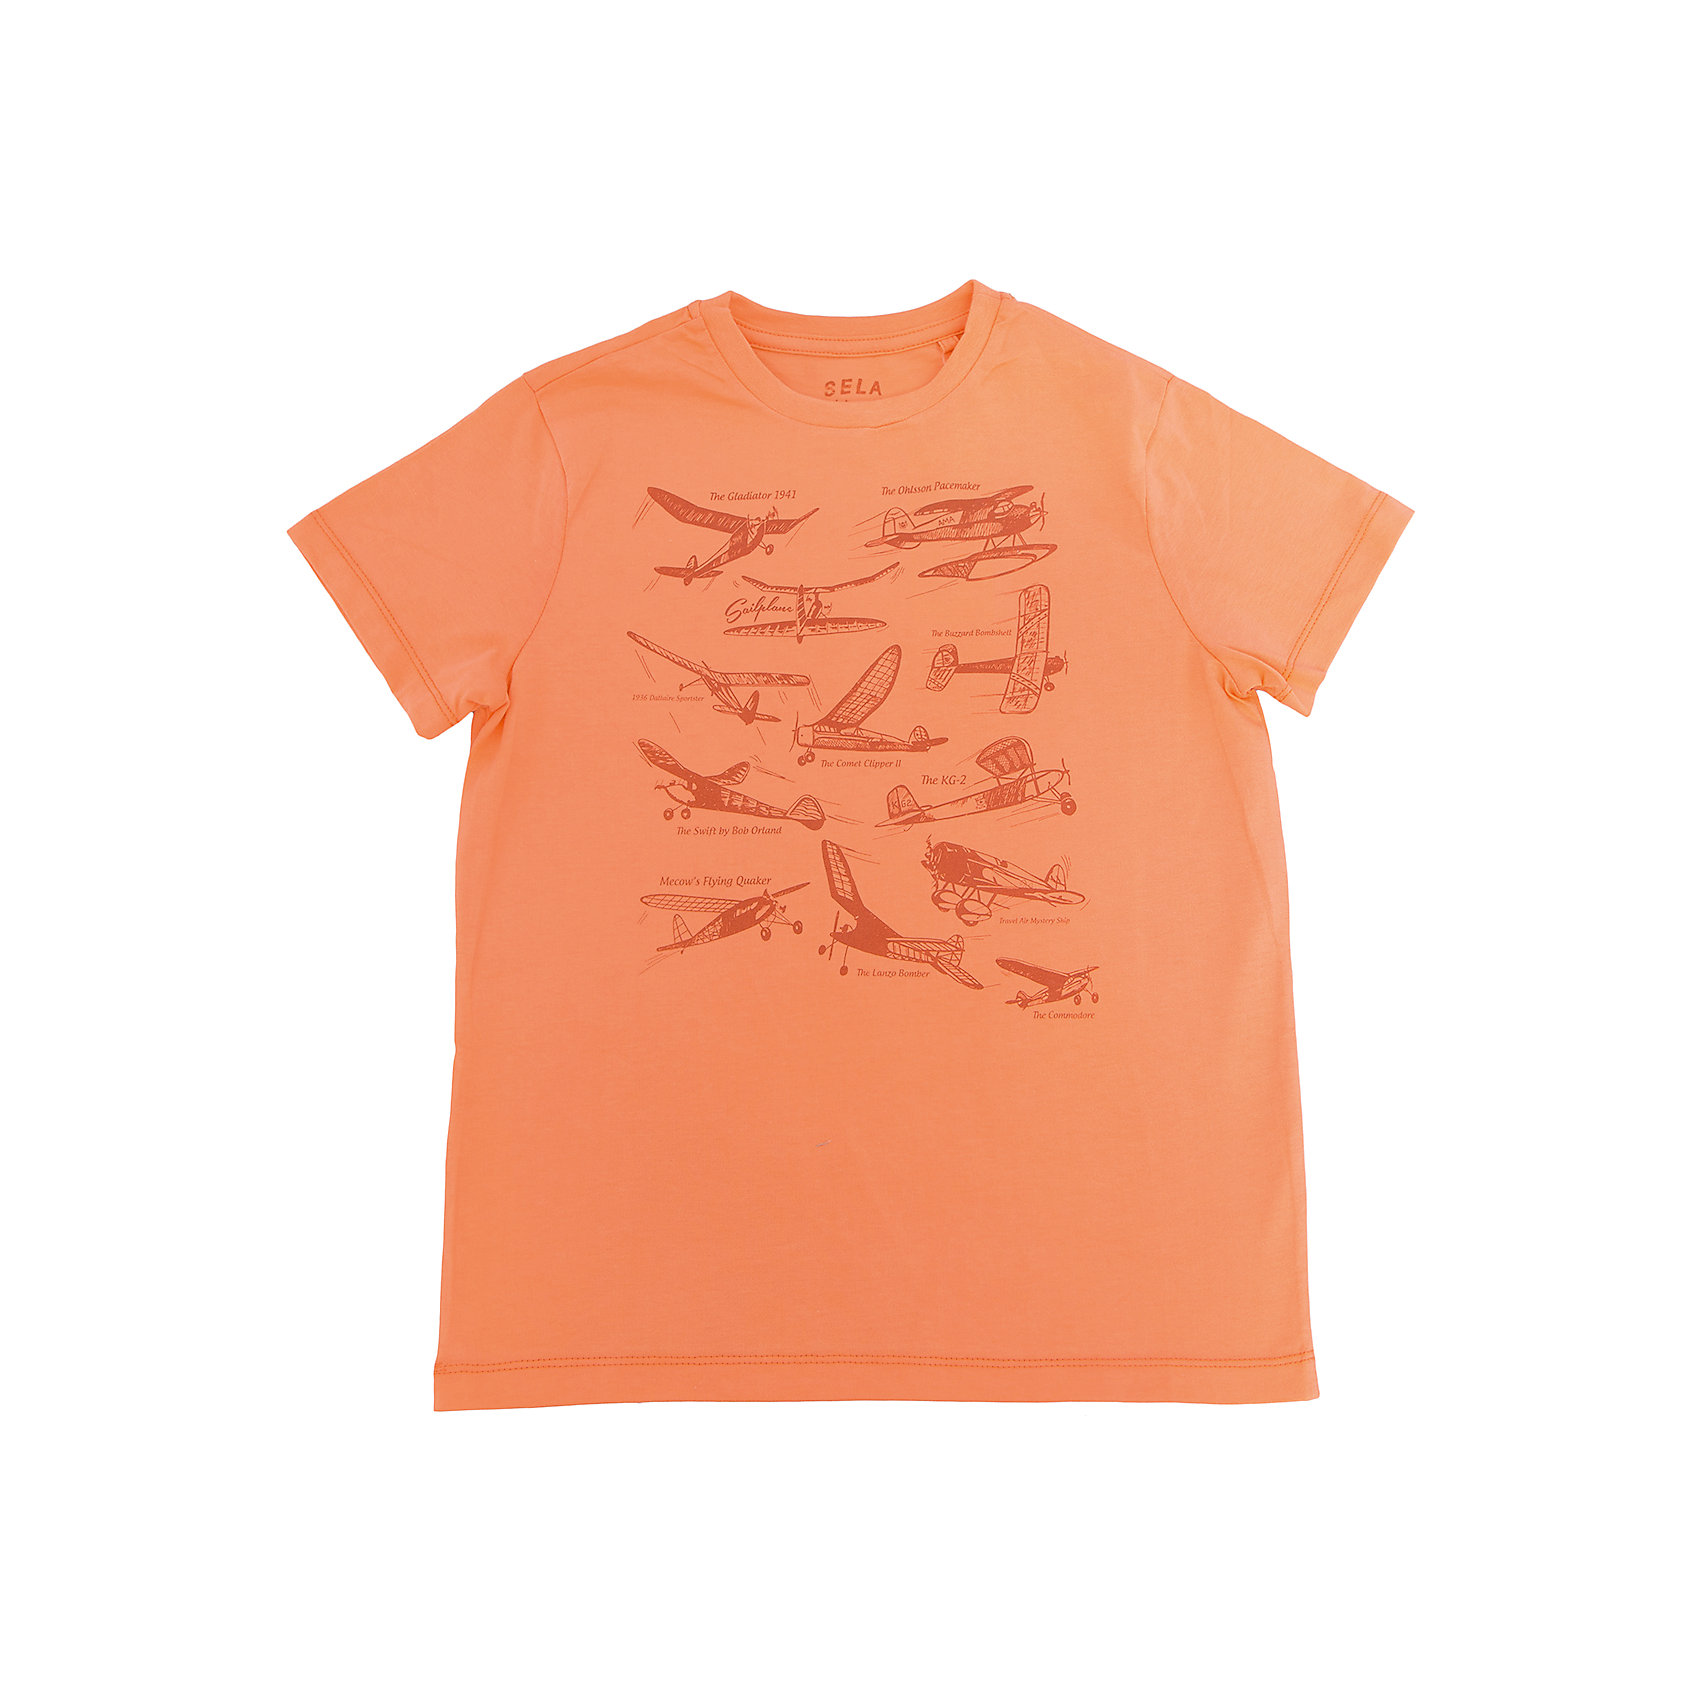 Футболка  для мальчика SELAФутболки, поло и топы<br>Характеристики товара:<br><br>• цвет: оранжевый<br>• состав: 100% хлопок<br>• принт<br>• короткие рукава<br>• округлый горловой вырез<br>• коллекция весна-лето 2017<br>• страна бренда: Российская Федерация<br><br>В новой коллекции SELA отличные модели одежды! Эта футболка для мальчика поможет разнообразить гардероб ребенка и обеспечить комфорт. Она отлично сочетается с джинсами и брюками. В составе ткани -только дышащий гипоаллергенный хлопок!<br><br>Одежда, обувь и аксессуары от российского бренда SELA не зря пользуются большой популярностью у детей и взрослых! Модели этой марки - стильные и удобные, цена при этом неизменно остается доступной. Для их производства используются только безопасные, качественные материалы и фурнитура. Новая коллекция поддерживает хорошие традиции бренда! <br><br>Футболку для мальчика от популярного бренда SELA (СЕЛА) можно купить в нашем интернет-магазине.<br><br>Ширина мм: 230<br>Глубина мм: 40<br>Высота мм: 220<br>Вес г: 250<br>Цвет: оранжевый<br>Возраст от месяцев: 120<br>Возраст до месяцев: 132<br>Пол: Мужской<br>Возраст: Детский<br>Размер: 146,152,116,122,128,134,140<br>SKU: 5304033